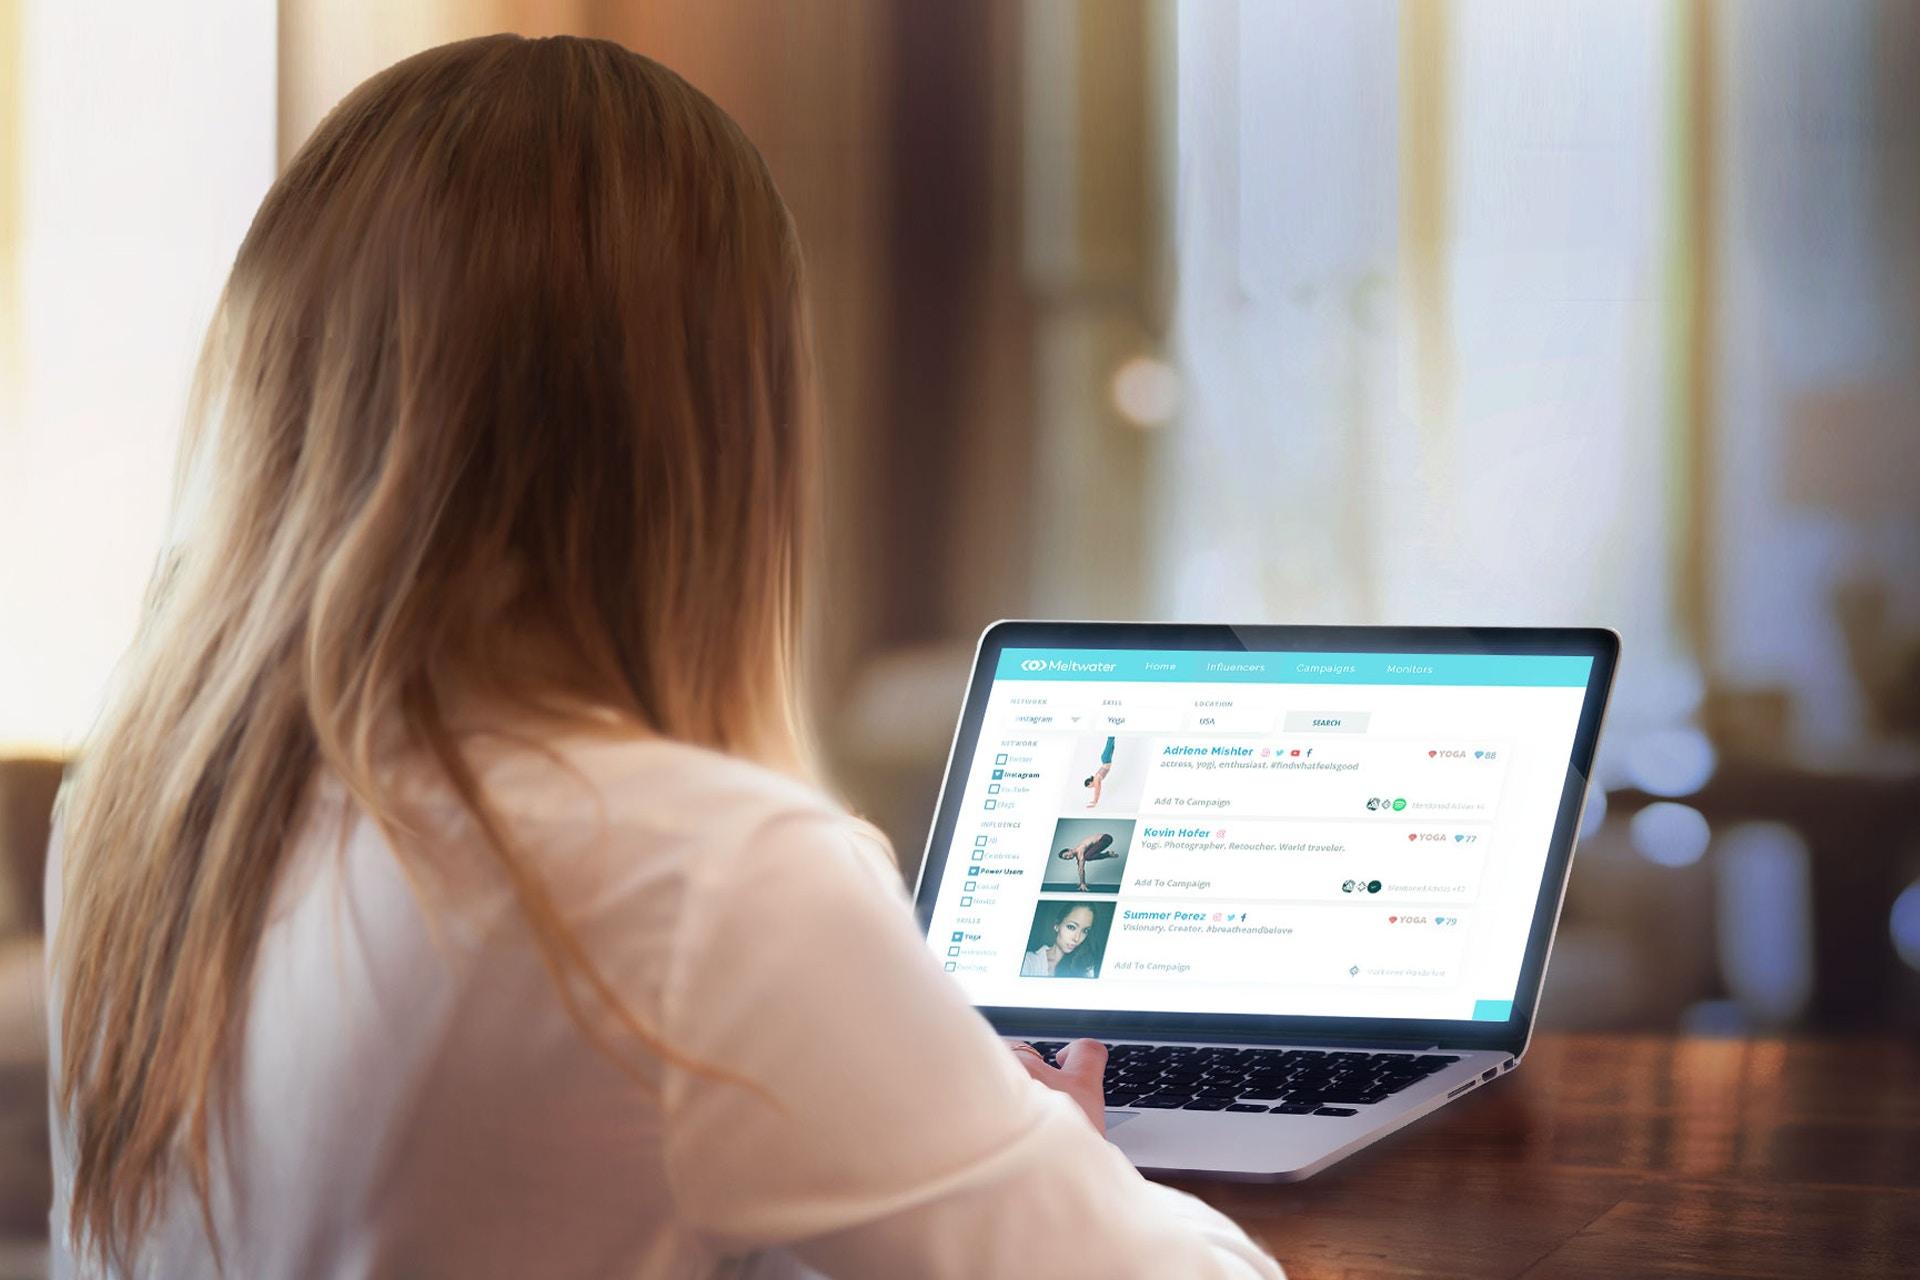 Henkilö tietokoneen edessä selkä kameraan päin, käyttää tietokoneella Meltwaterin Social Influencers vaikuttajamarkkinoinnin palvelua.